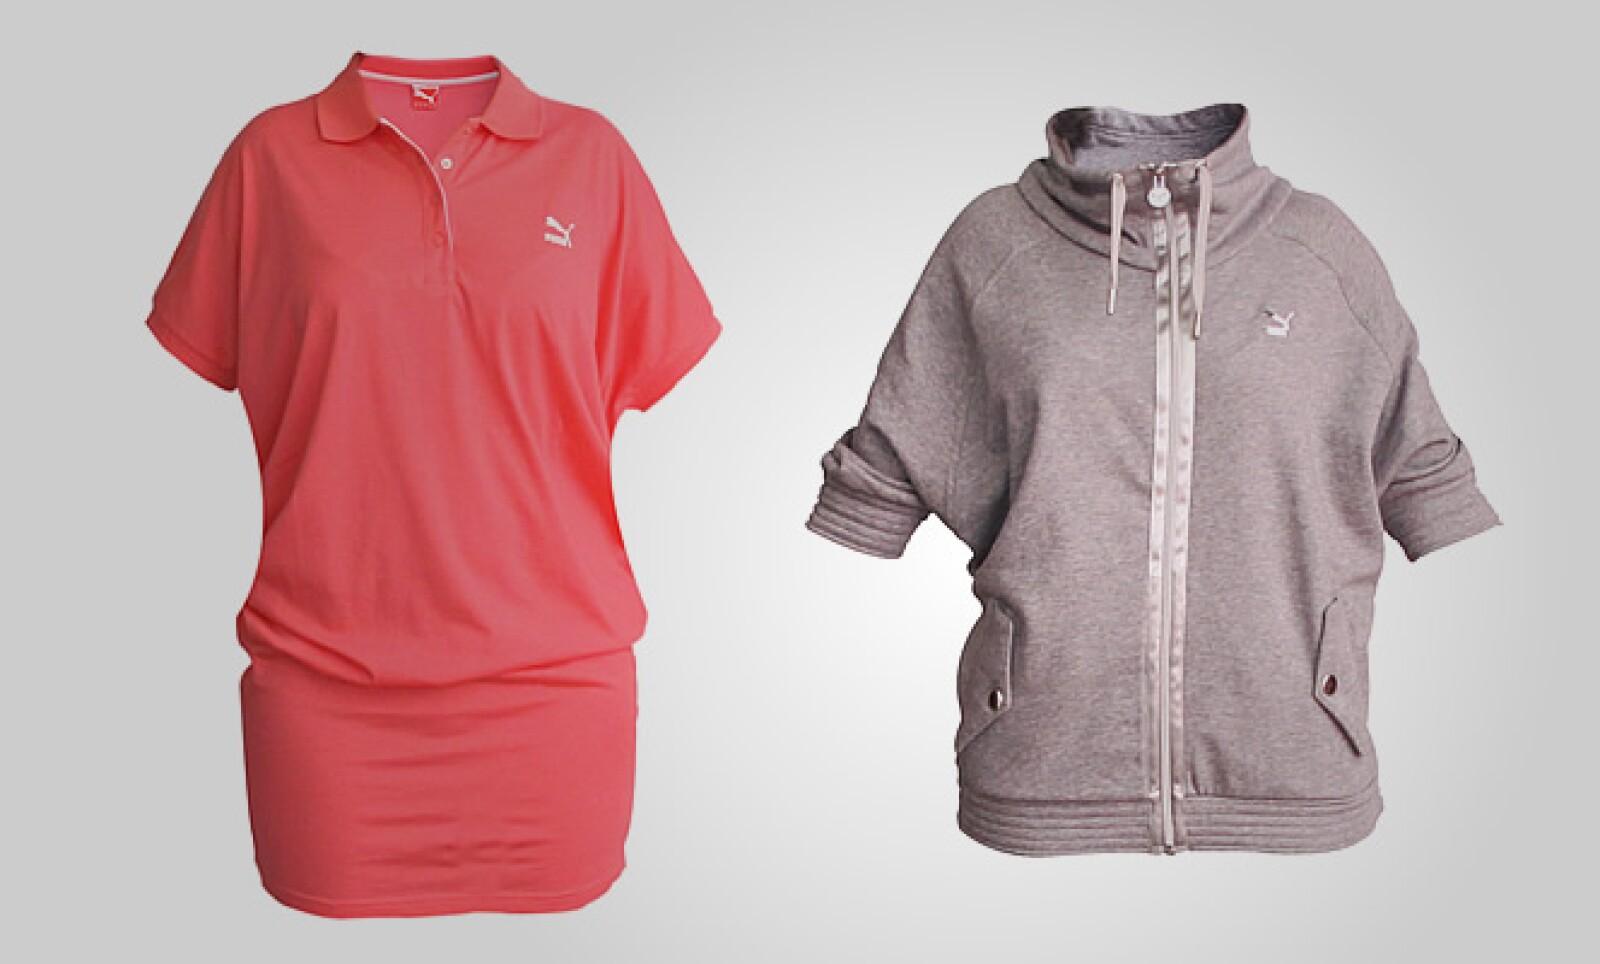 Para ellas, estas dos opciones de vestido corto y chamarra ligera pueden funcionar para una tarde de sábado.